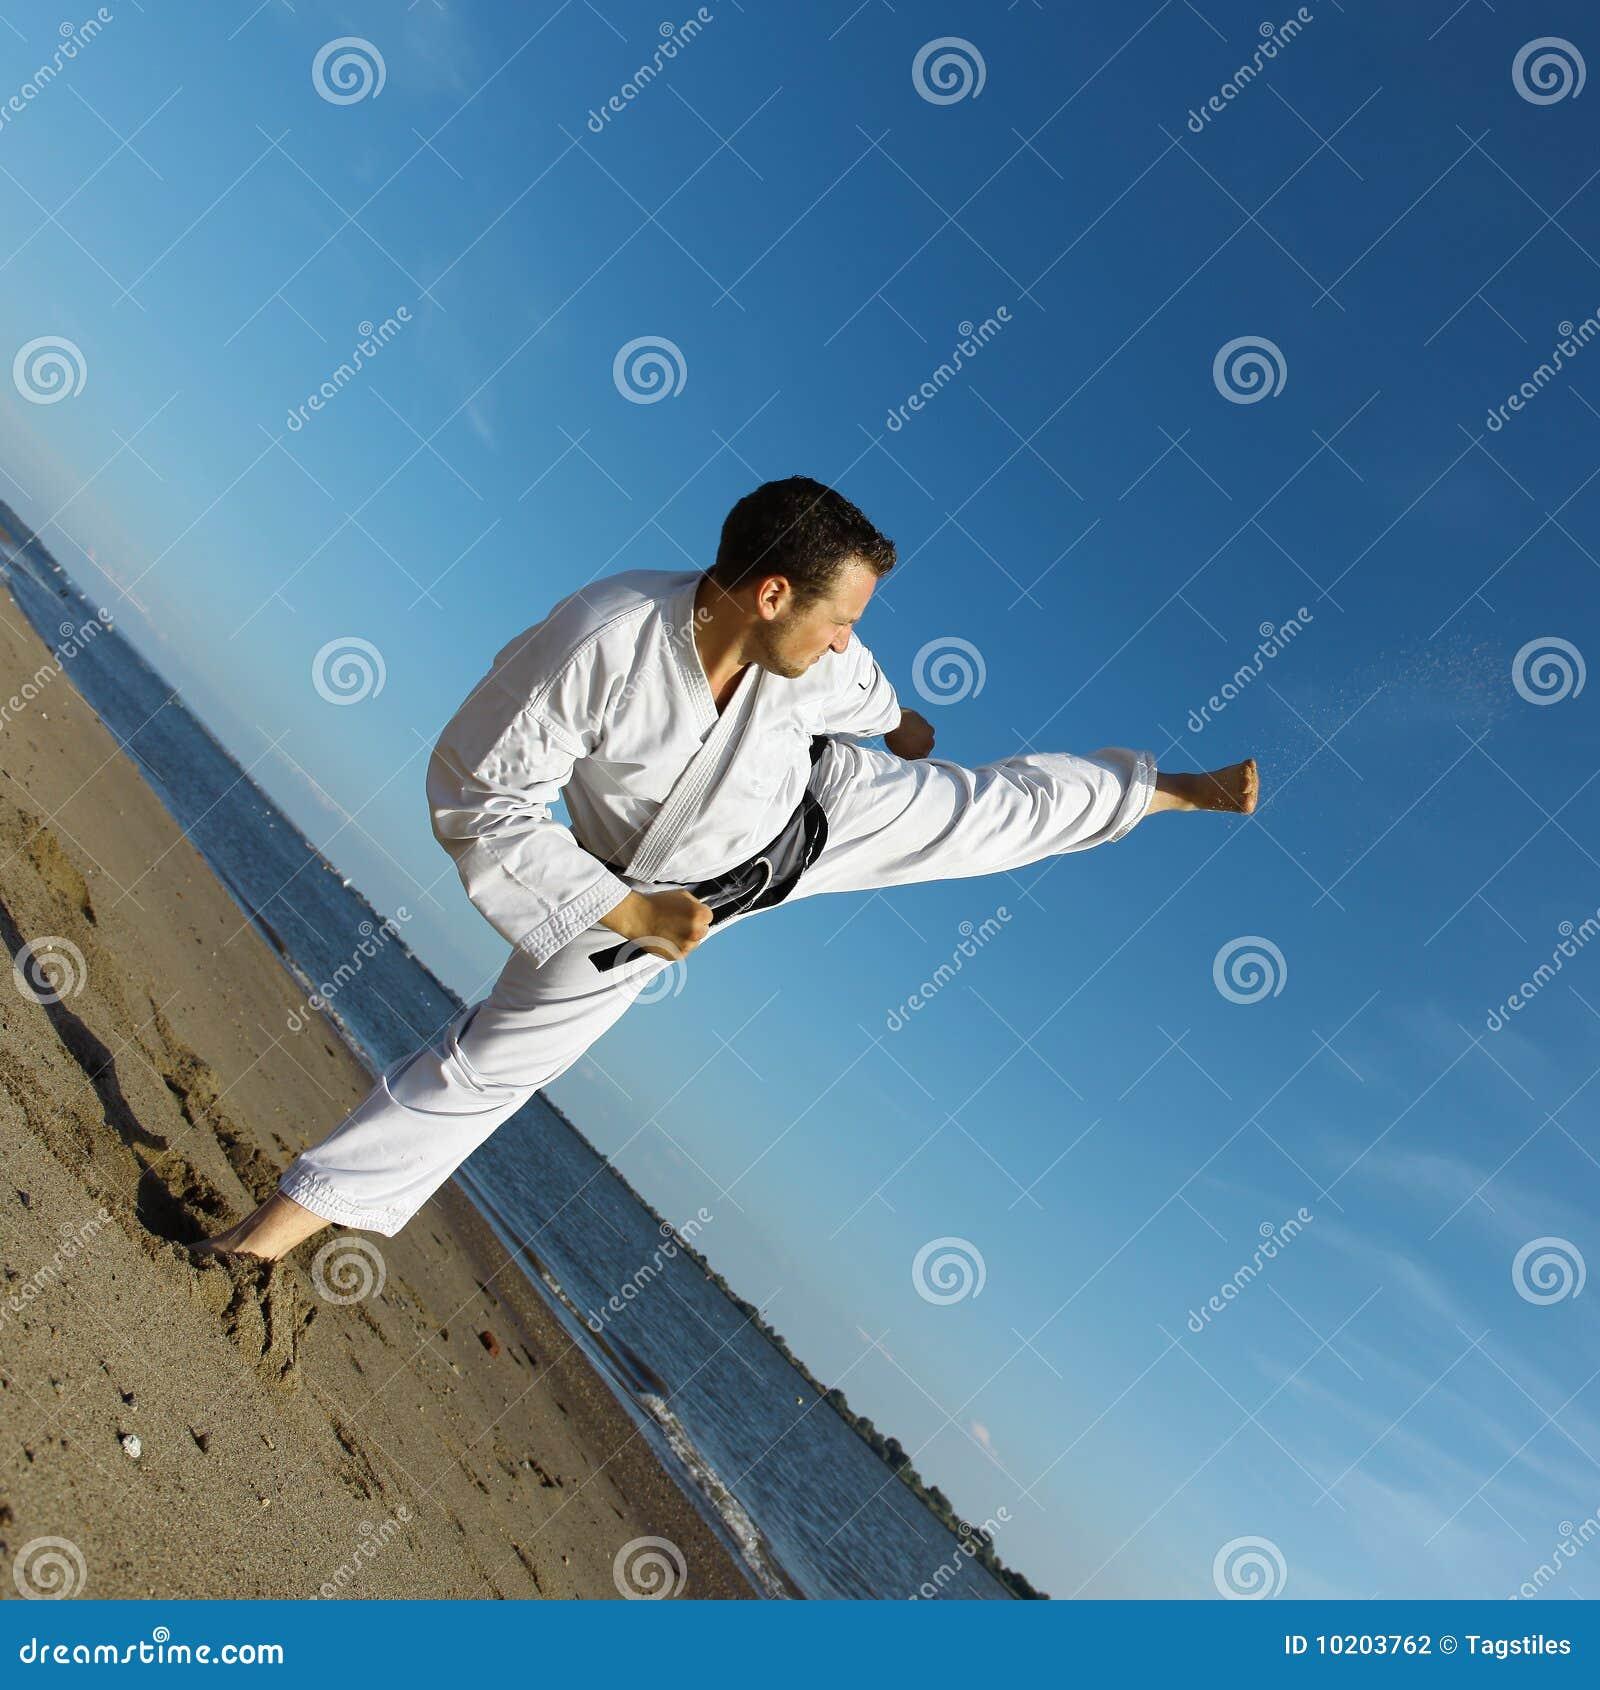 Download Kriegs-Künste stockfoto. Bild von karate, schwerpunkt - 10203762